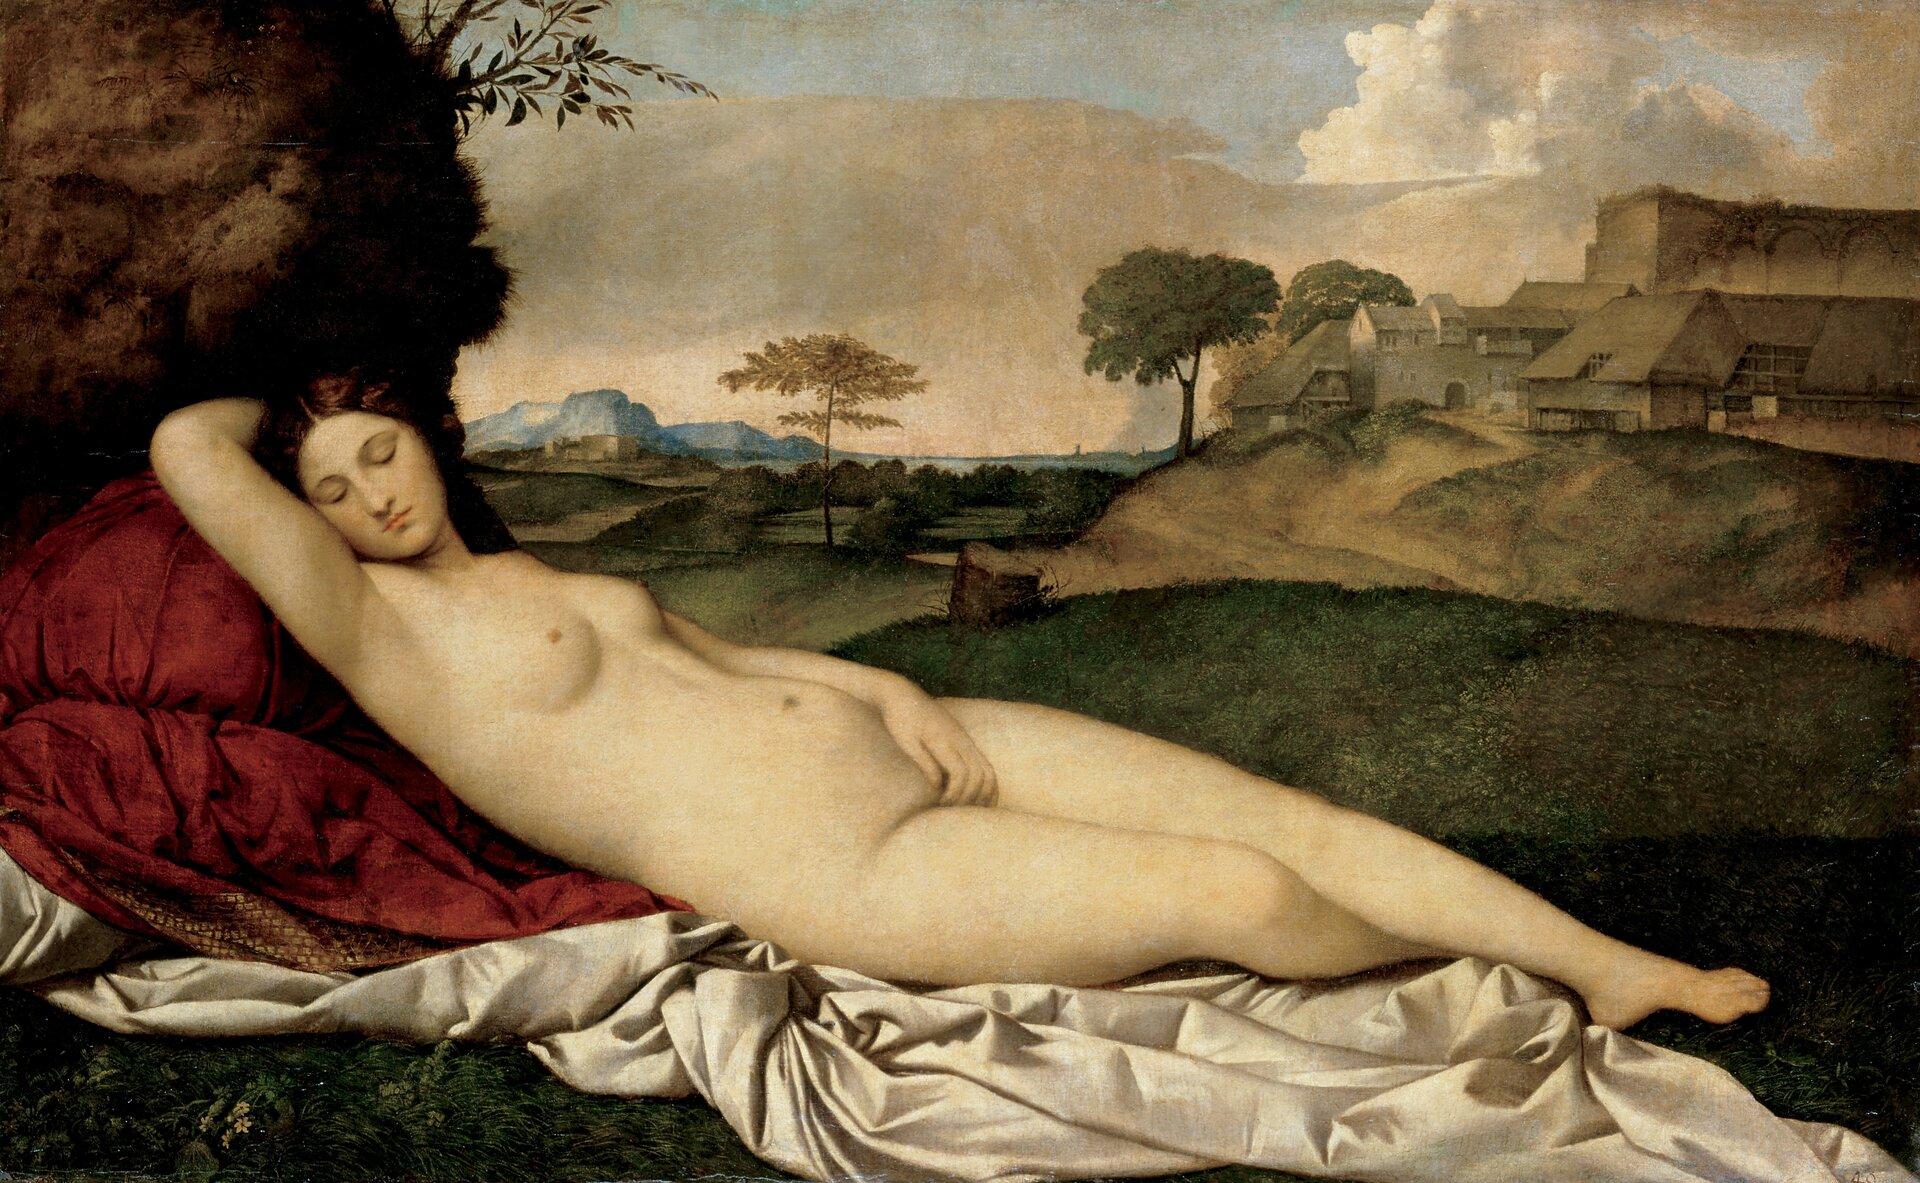 """Ilustracja  okształcie poziomego prostokąta przedstawia obraz Giorgione """"Śpiąca Wenus"""". Na pierwszym planie, na zielonej polanie, ukazana jest ułożona na udrapowanych, czerwono-białych materiałach śpiąca bogini. Lewą ręką zasłania łono, prawą ma ułożoną pod głową. Ma długie, brązowe włosy iskrzyżowane nogi. Wtle, na wzniesieniu widoczne są zabudowania. Woddali teren porośnięty jest drzewami ikrzewami. Nad nimi rozpościera się błękitne niebo pokryte chmurami."""